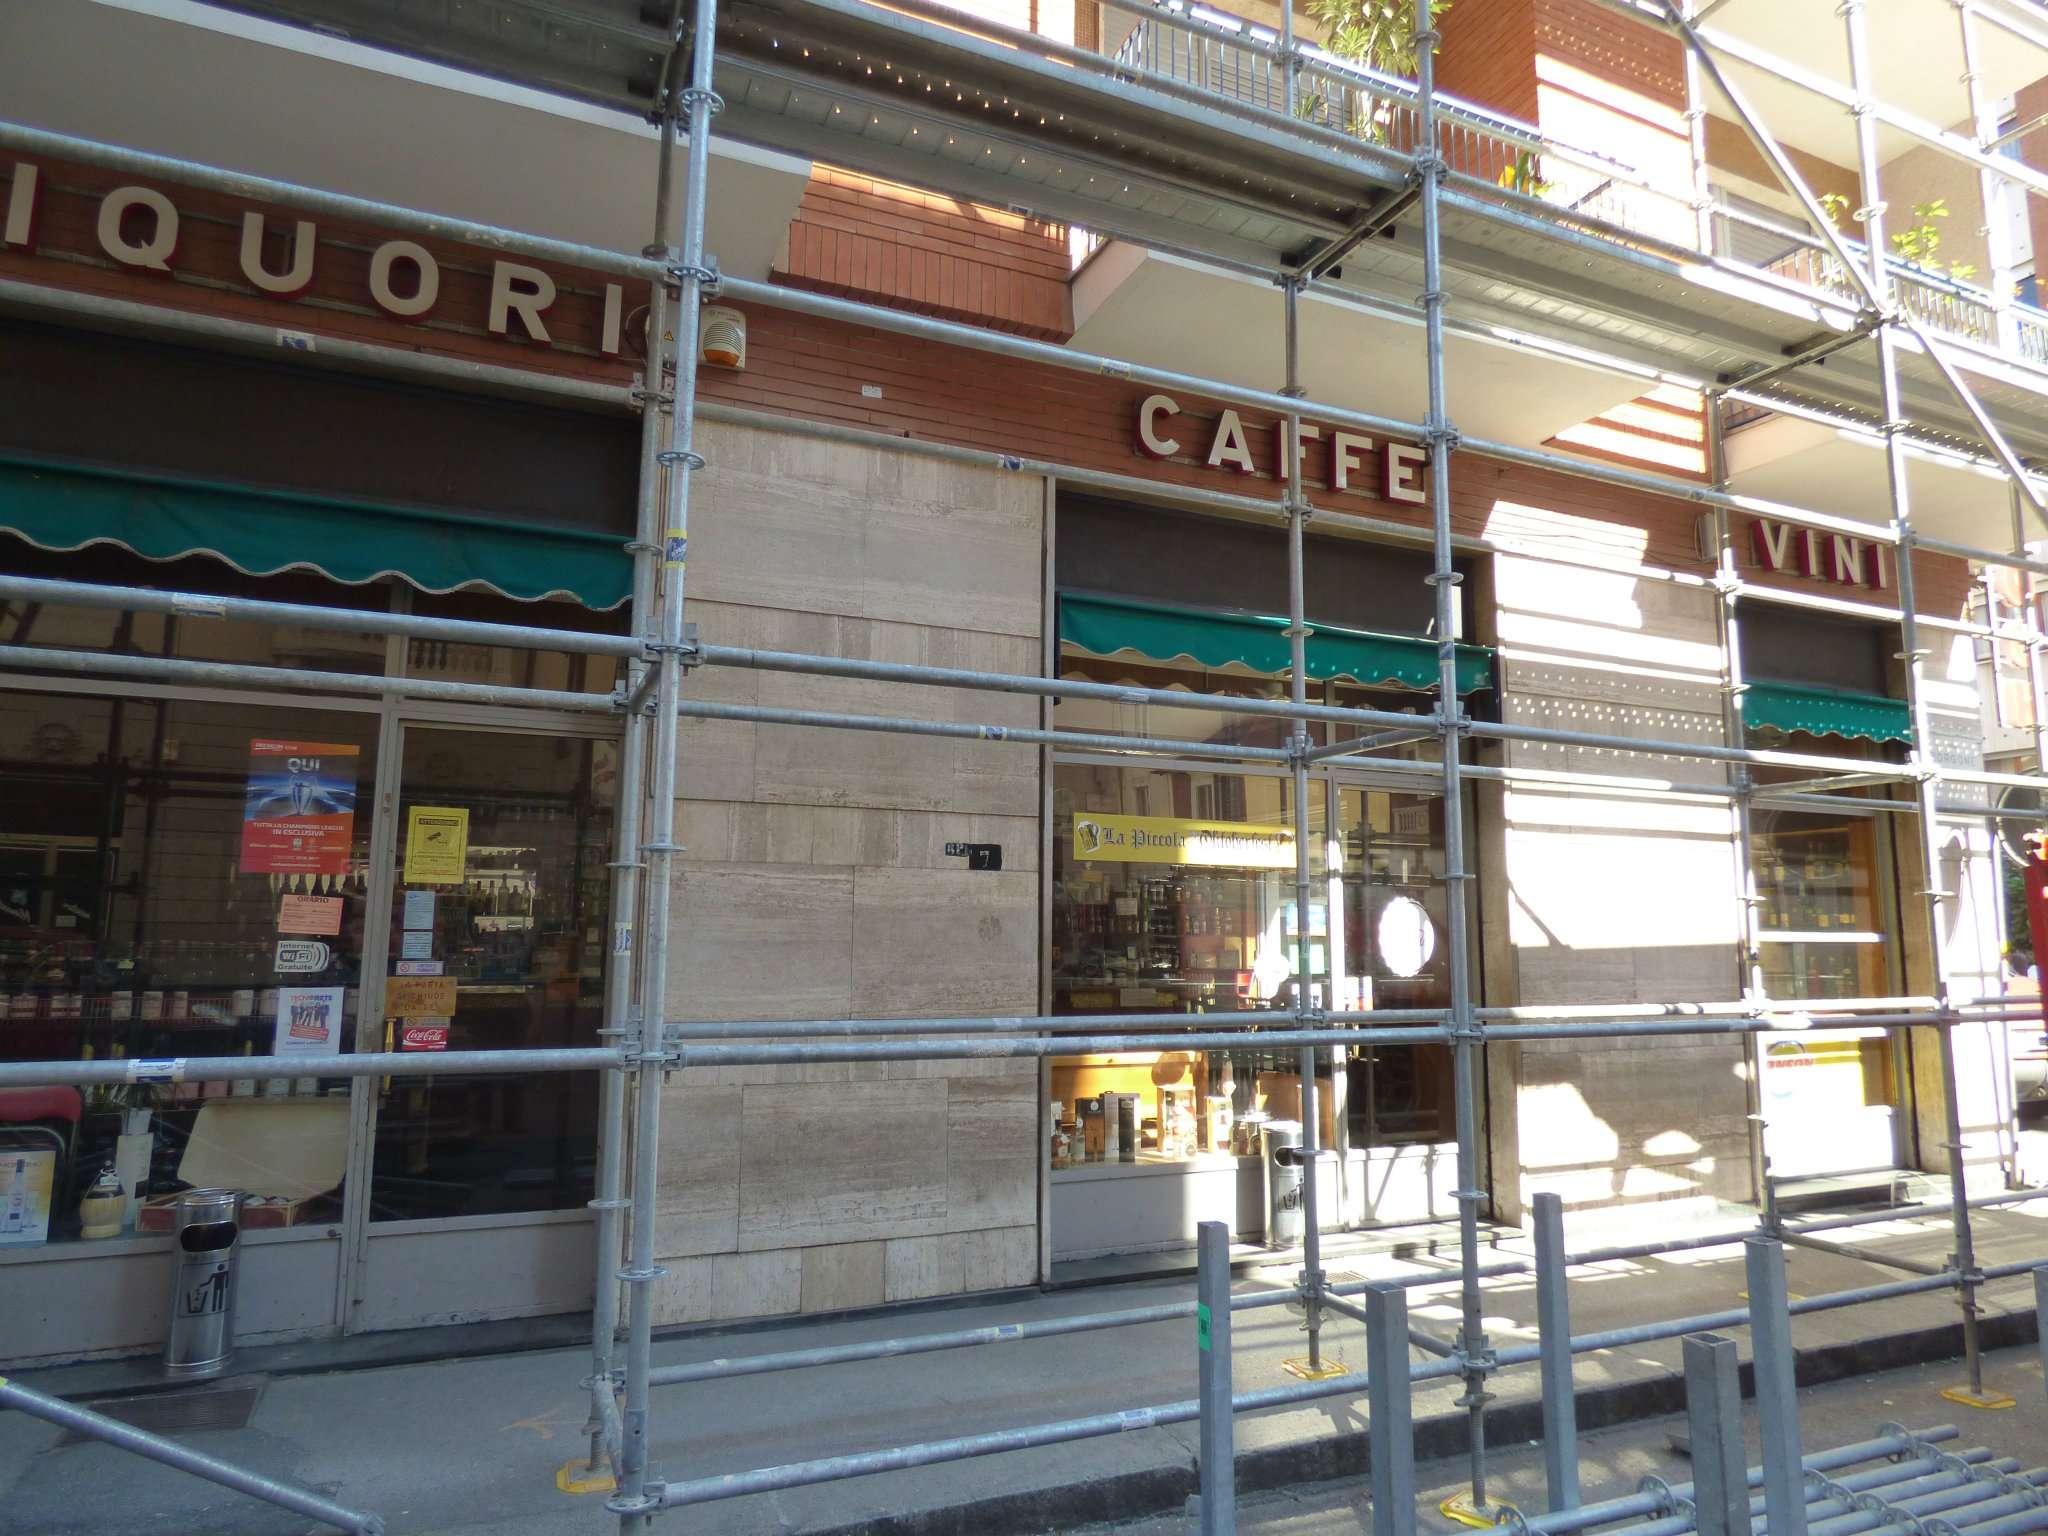 Negozio / Locale in vendita a Torino, 2 locali, zona Zona: 15 . Pozzo Strada, Parella, prezzo € 140.000 | CambioCasa.it